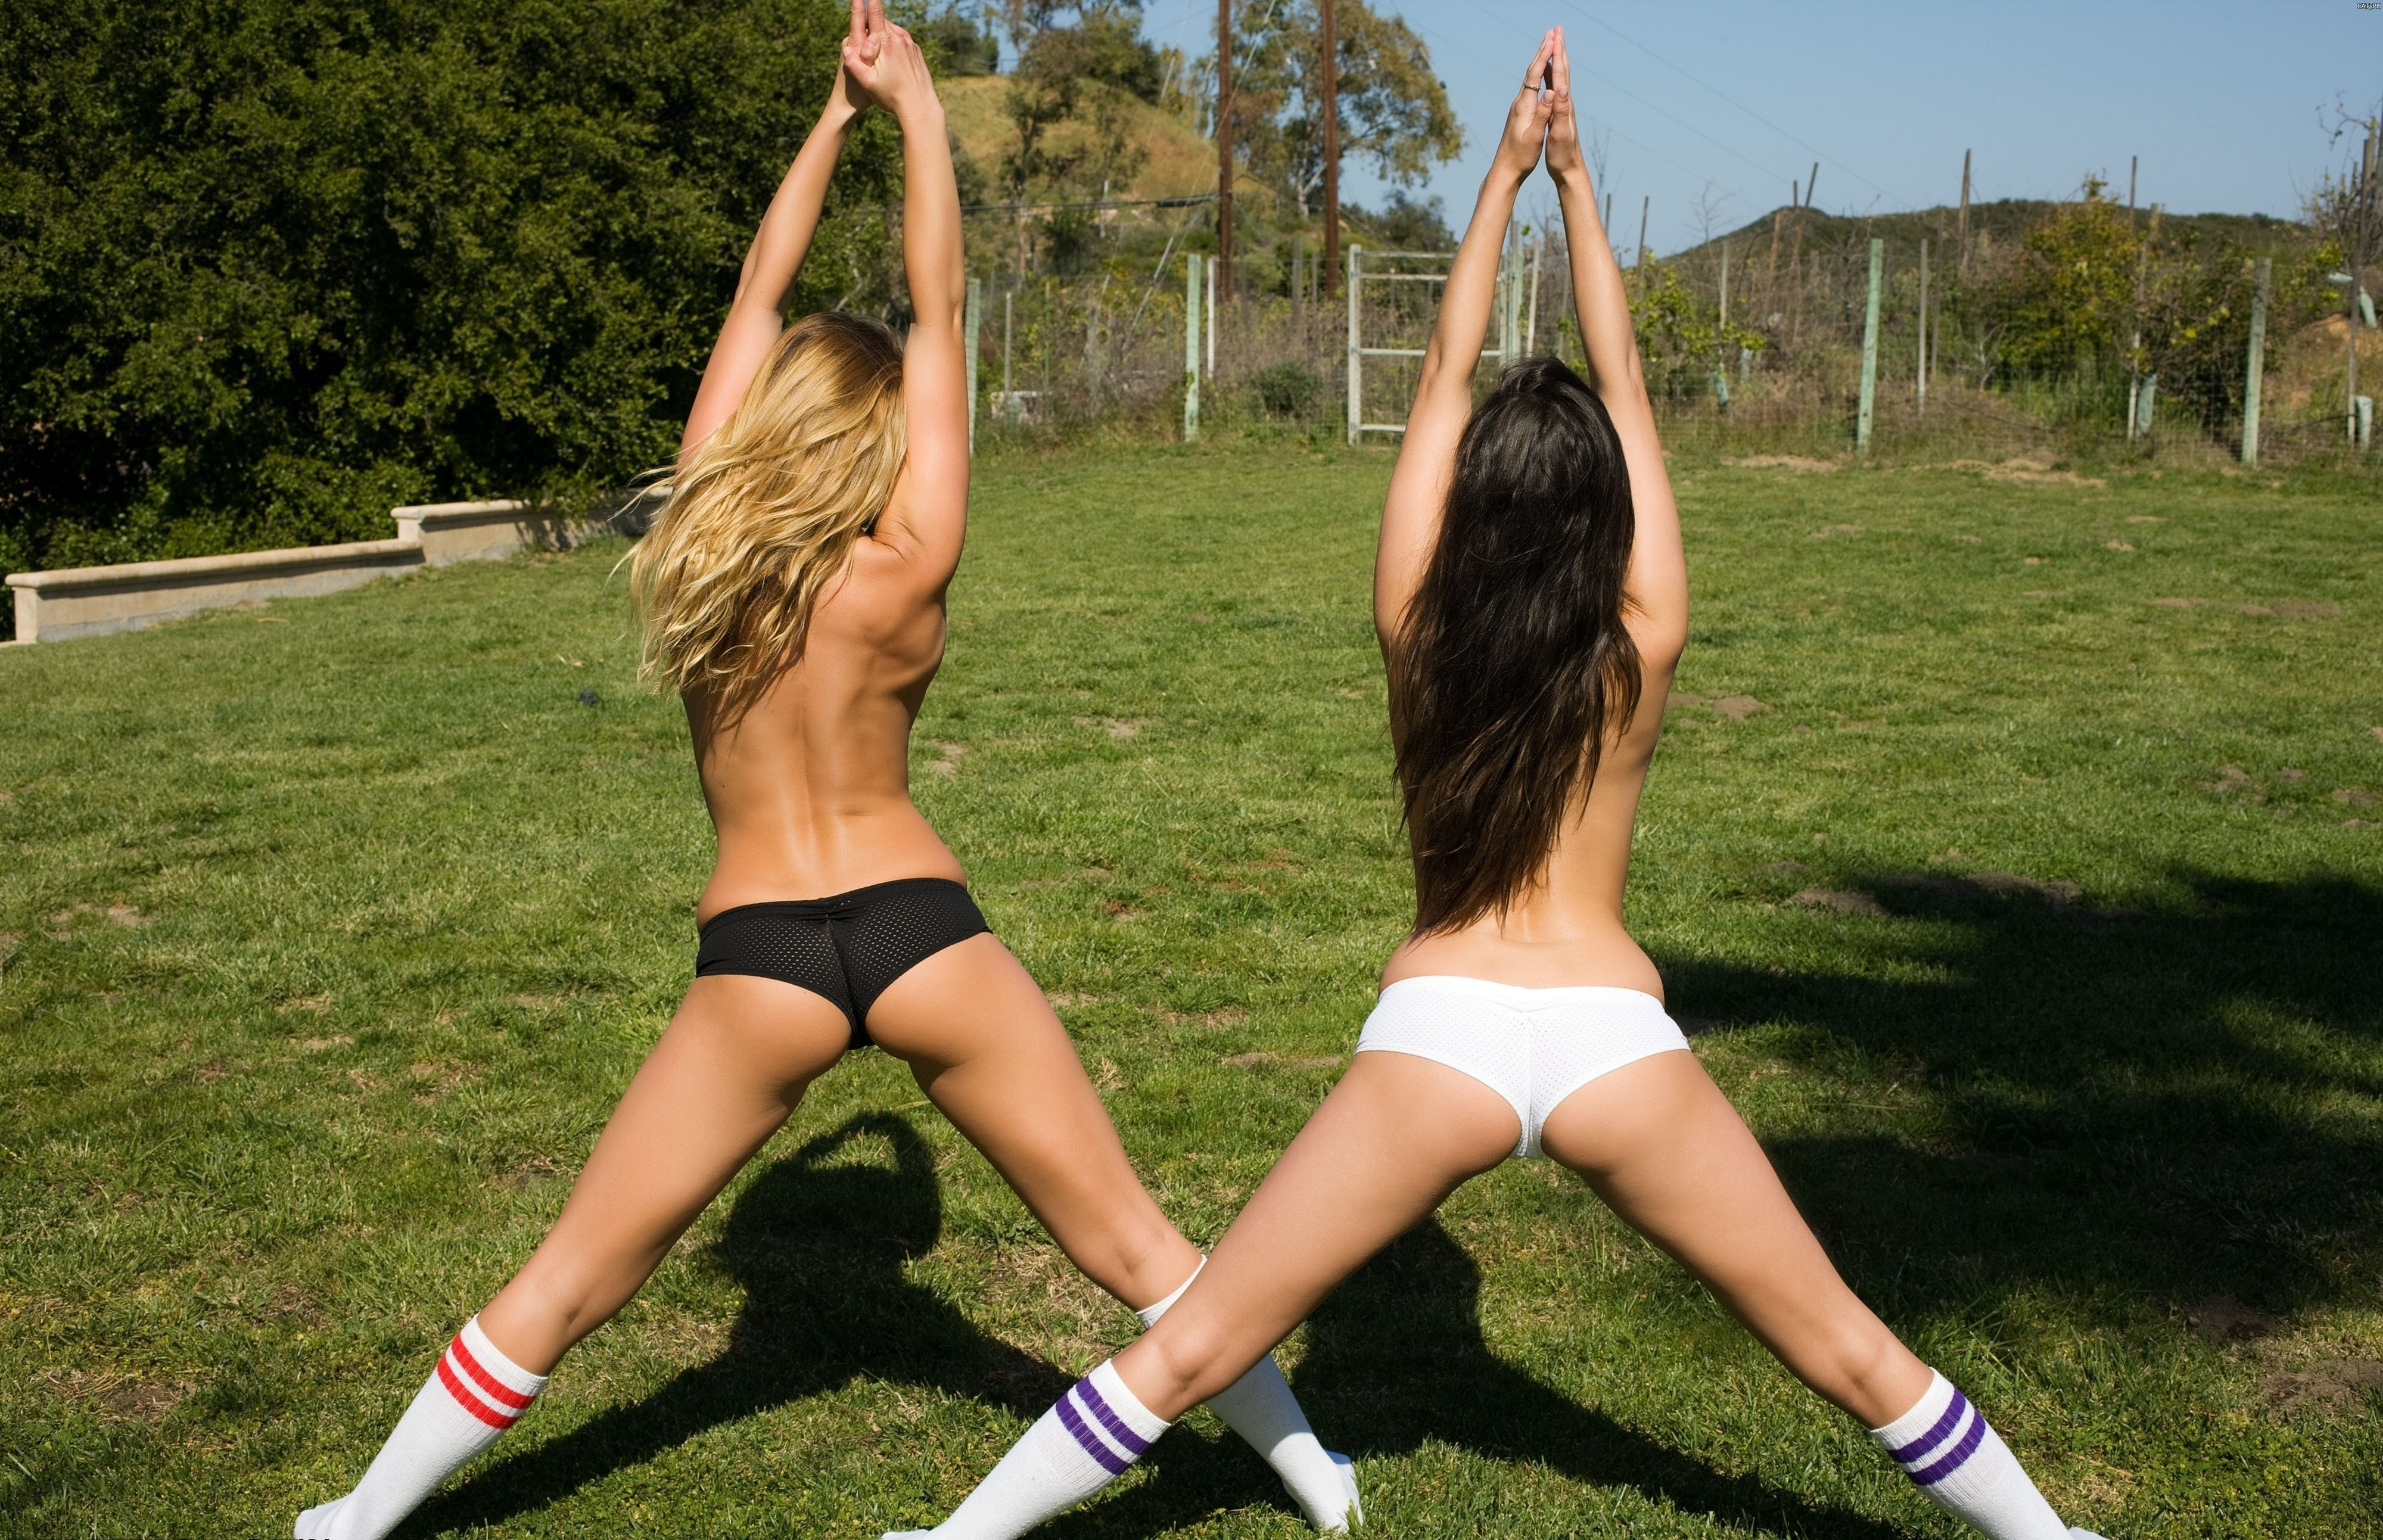 Фото спортивных девушек без трусов 4 фотография